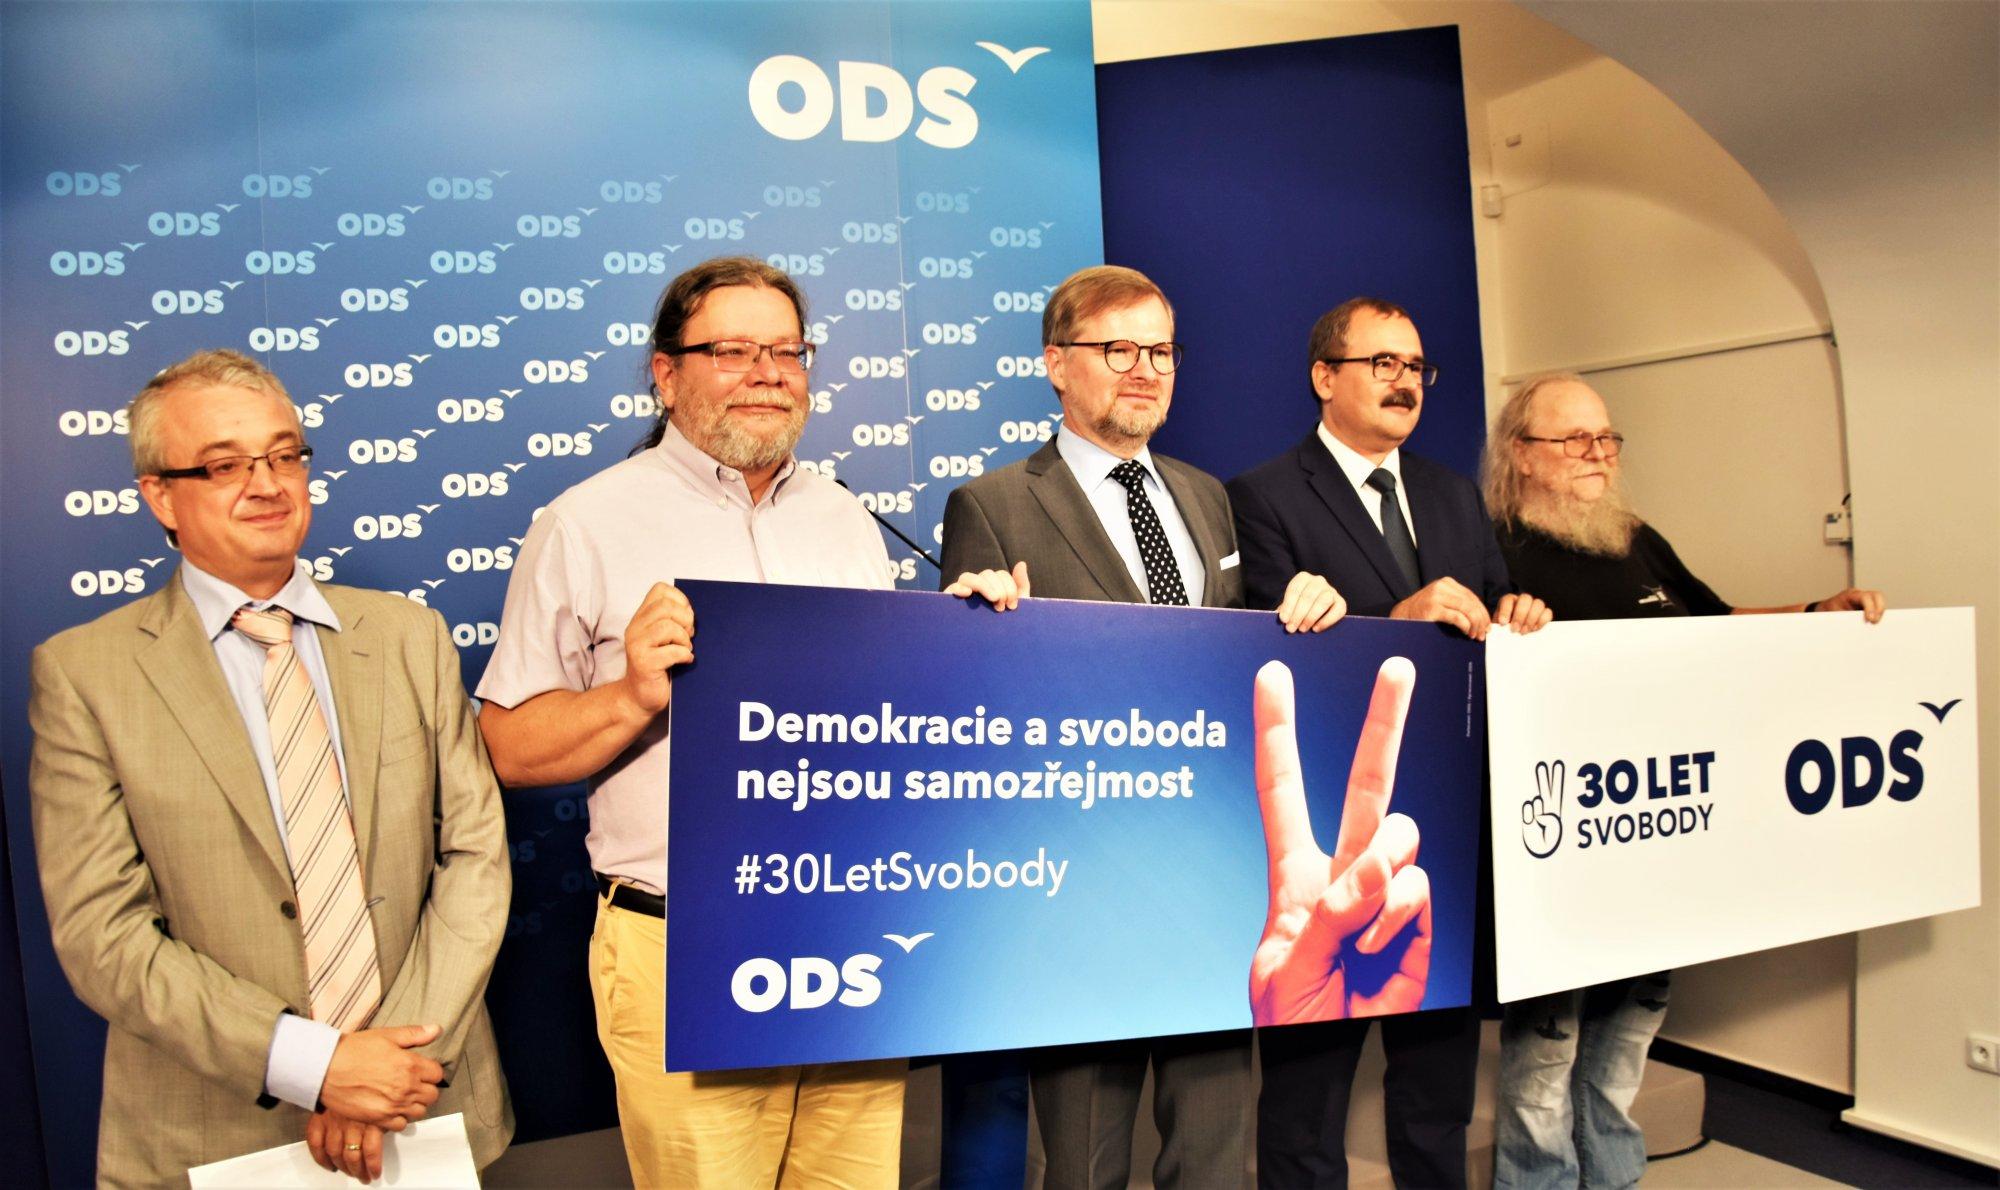 ODS: Zpochybňování hodnot listopadu 1989 nesmíme dopustit, startujeme kampaň 30 let svobody